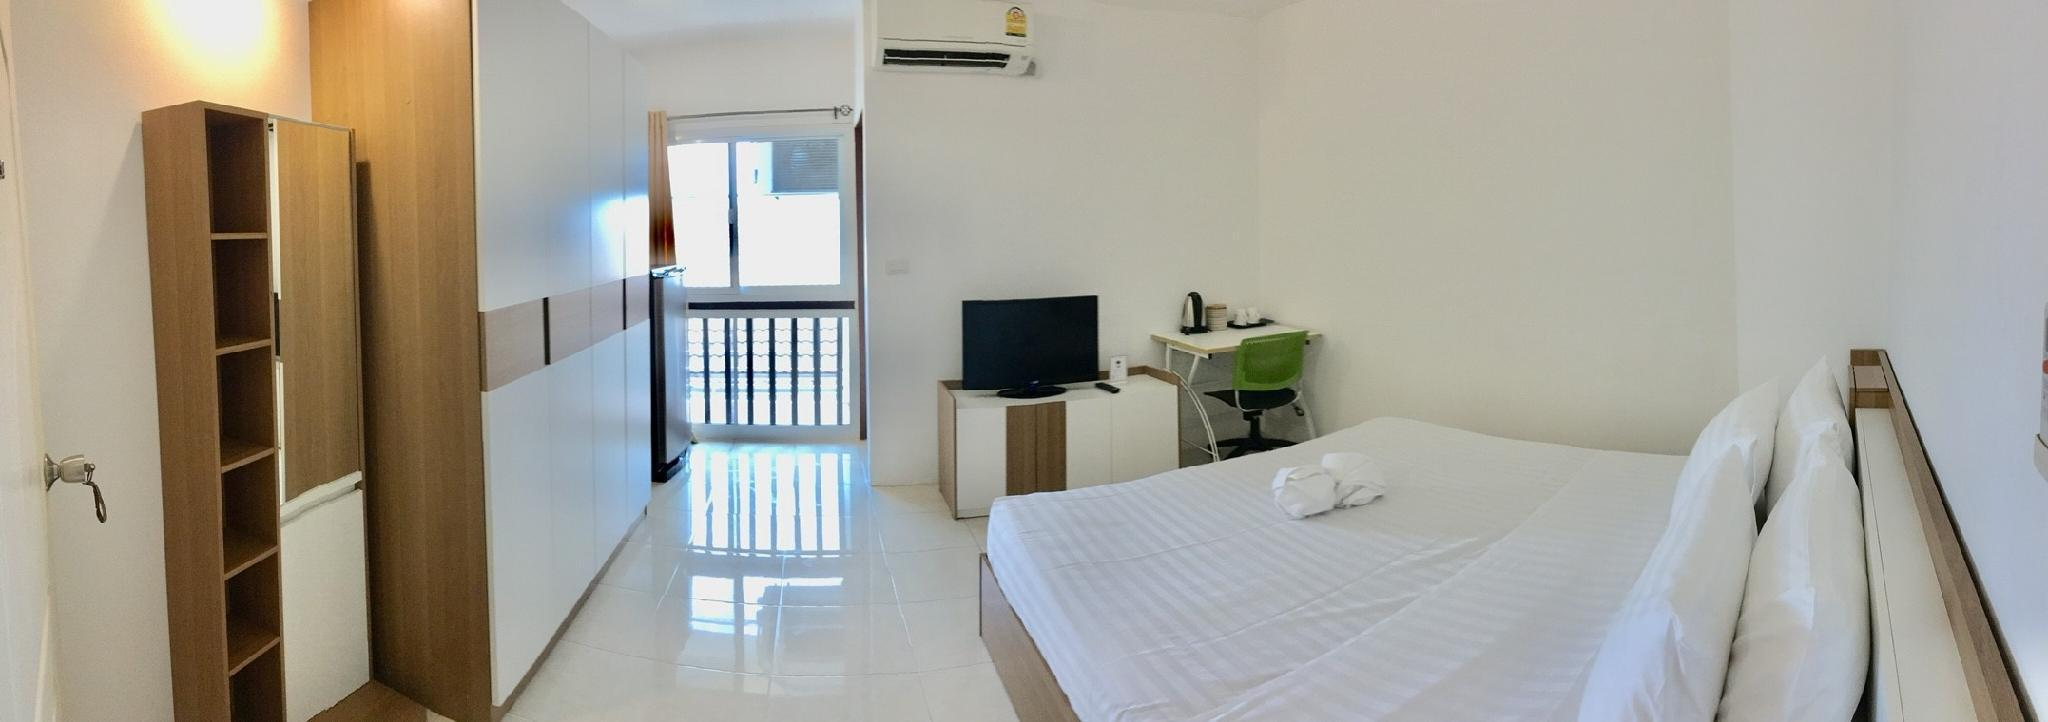 Grandview 15, Condo near MRT Ladprao อพาร์ตเมนต์ 1 ห้องนอน 1 ห้องน้ำส่วนตัว ขนาด 24 ตร.ม. – รัชดาภิเษก